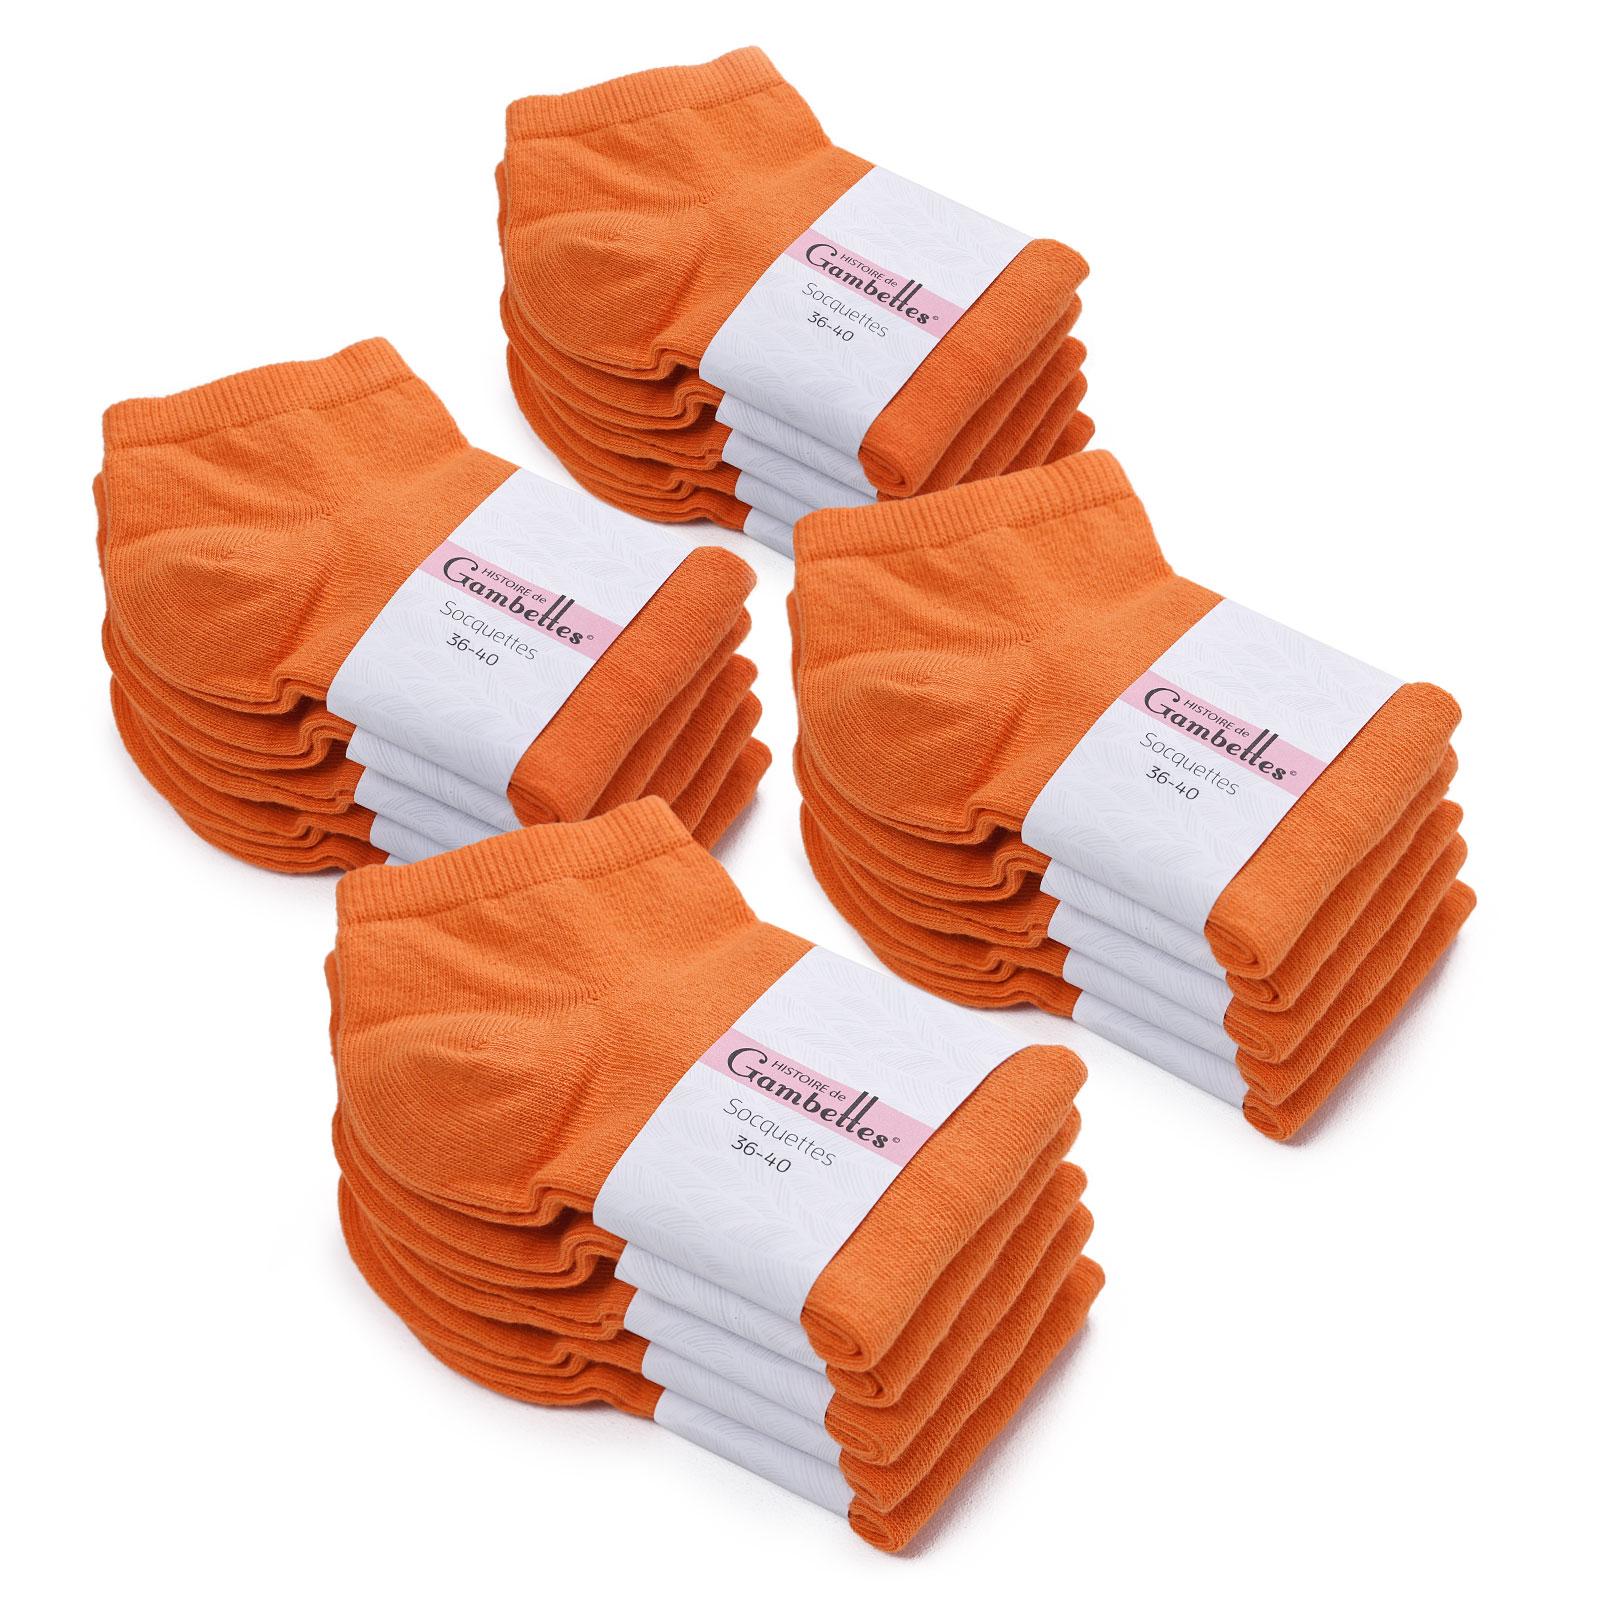 CH-00343-F16-soquettes-femme-coton-orange-20-paires